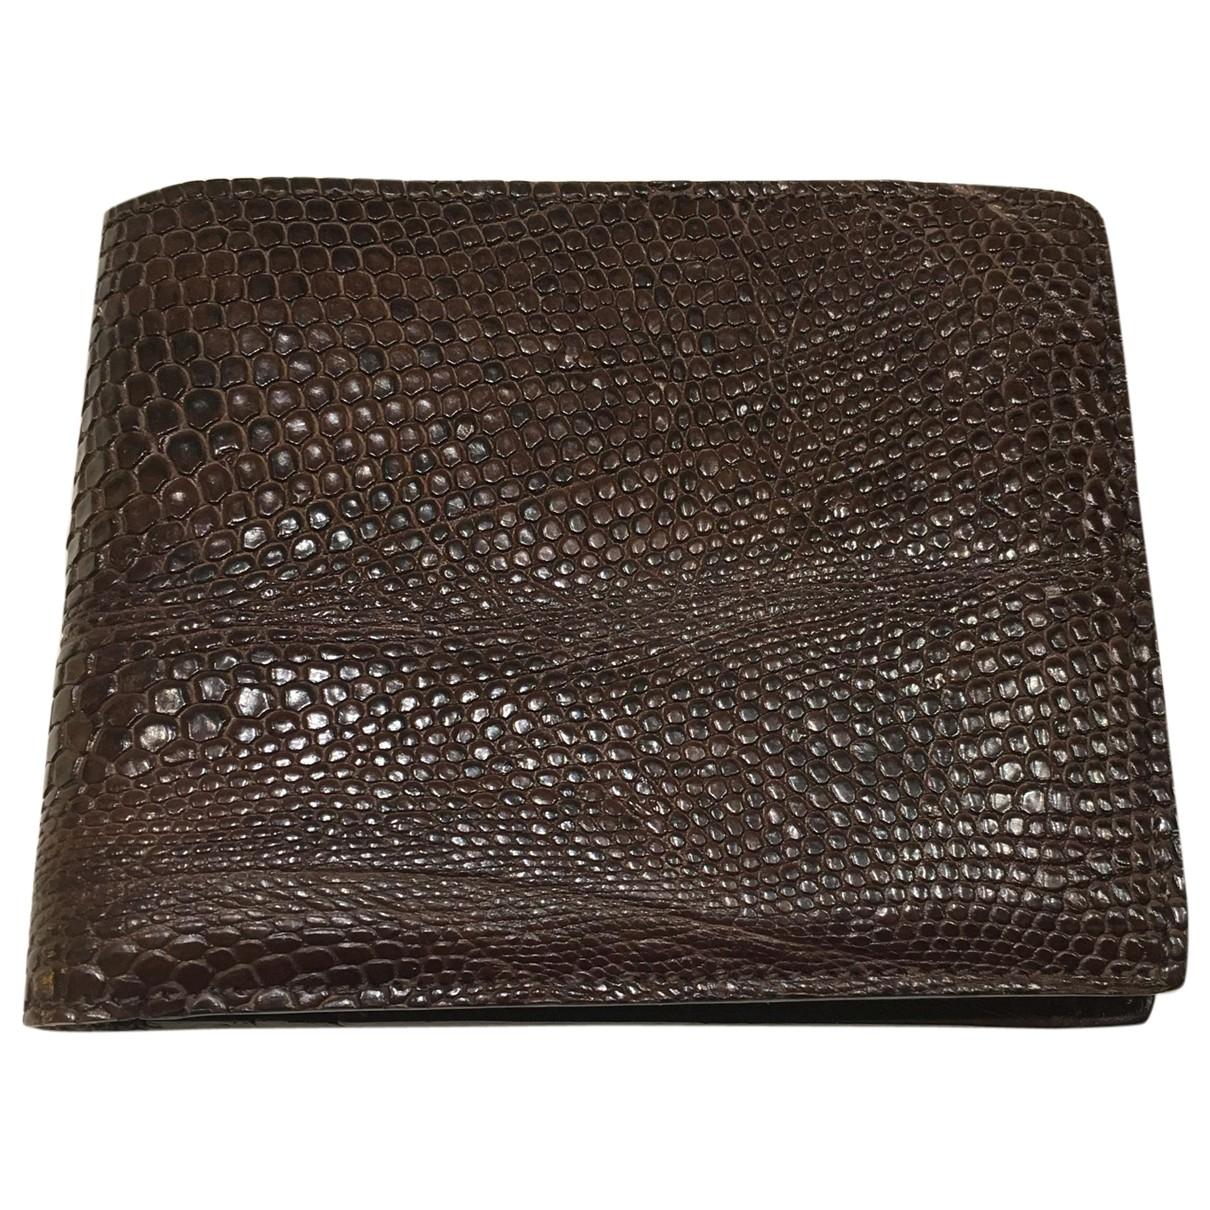 Lanvin \N Brown Lizard Small bag, wallet & cases for Men \N